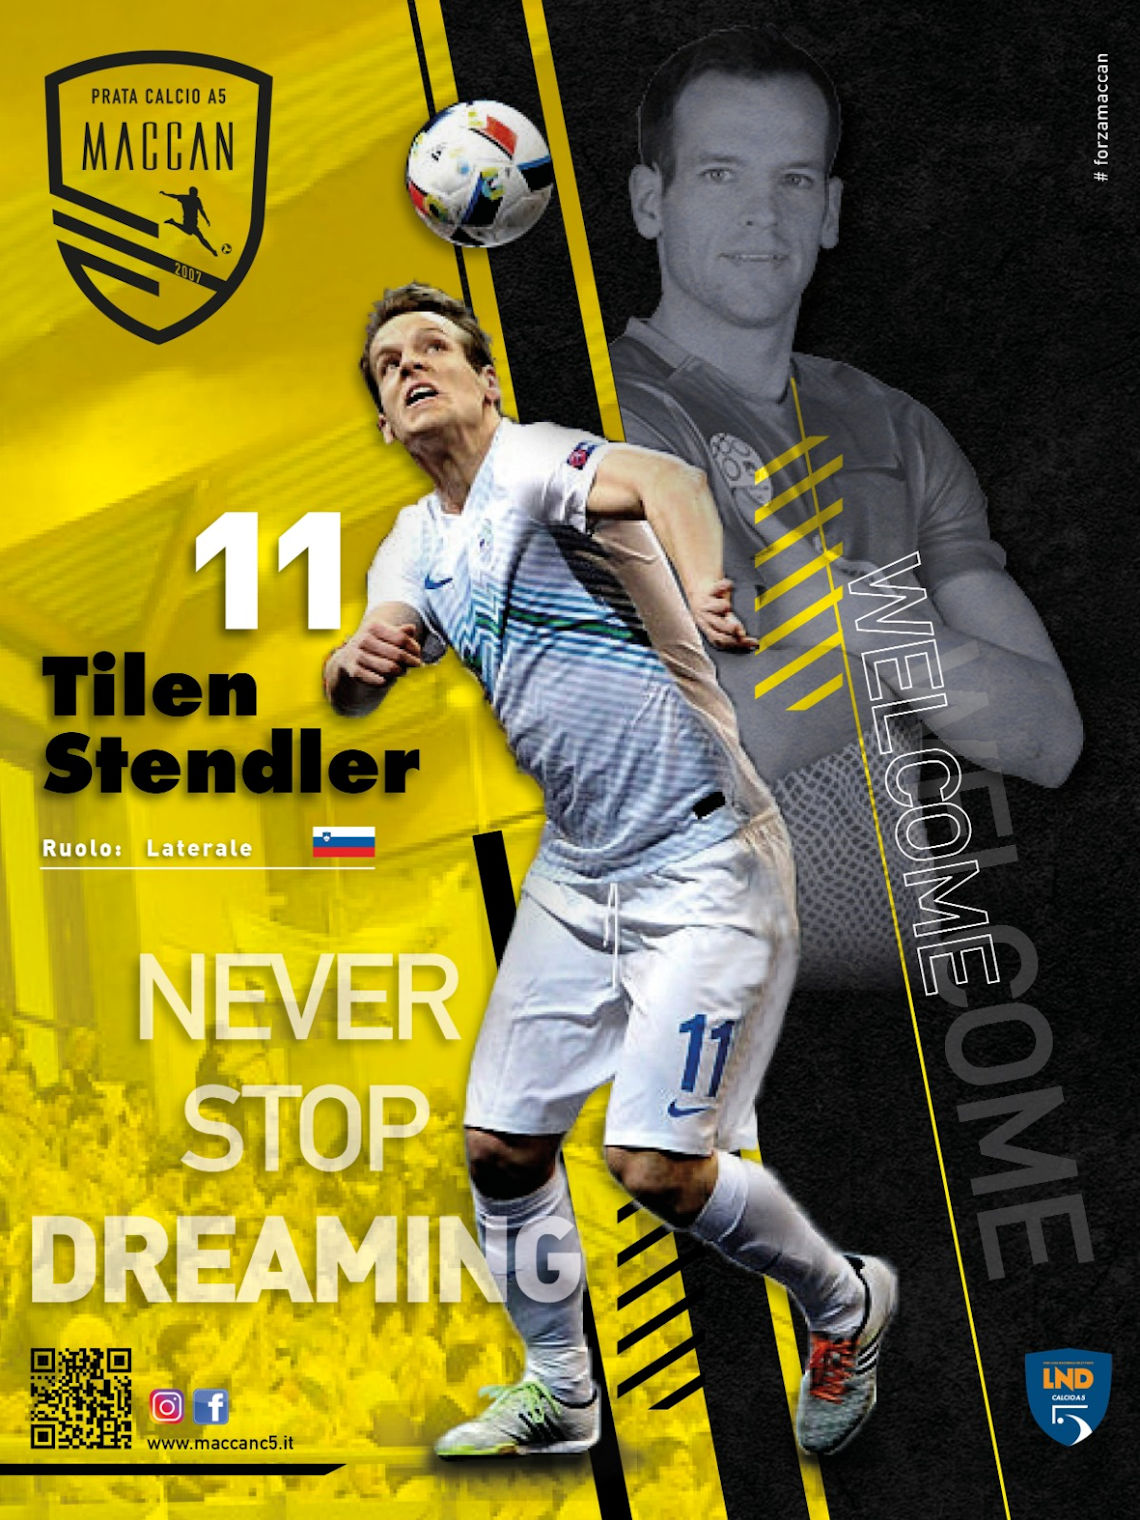 Tilen Stendler